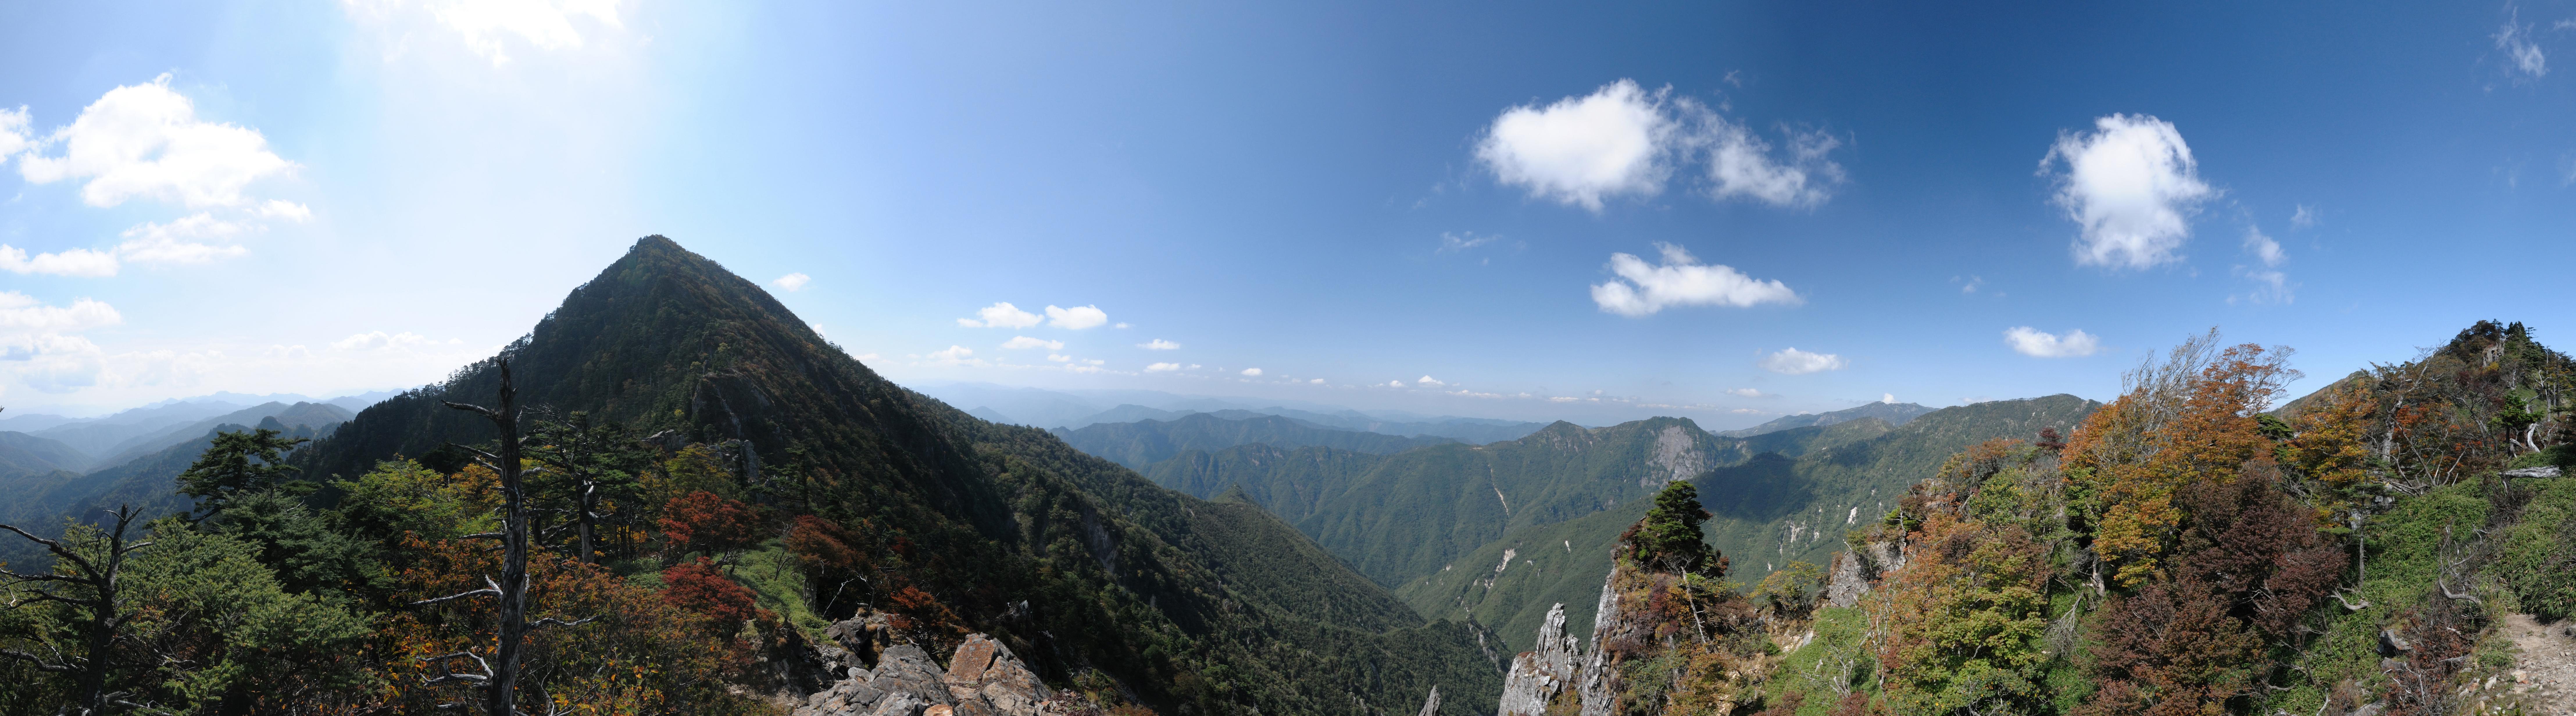 ファイル 釈迦ヶ岳 panoramio jpg wikipedia